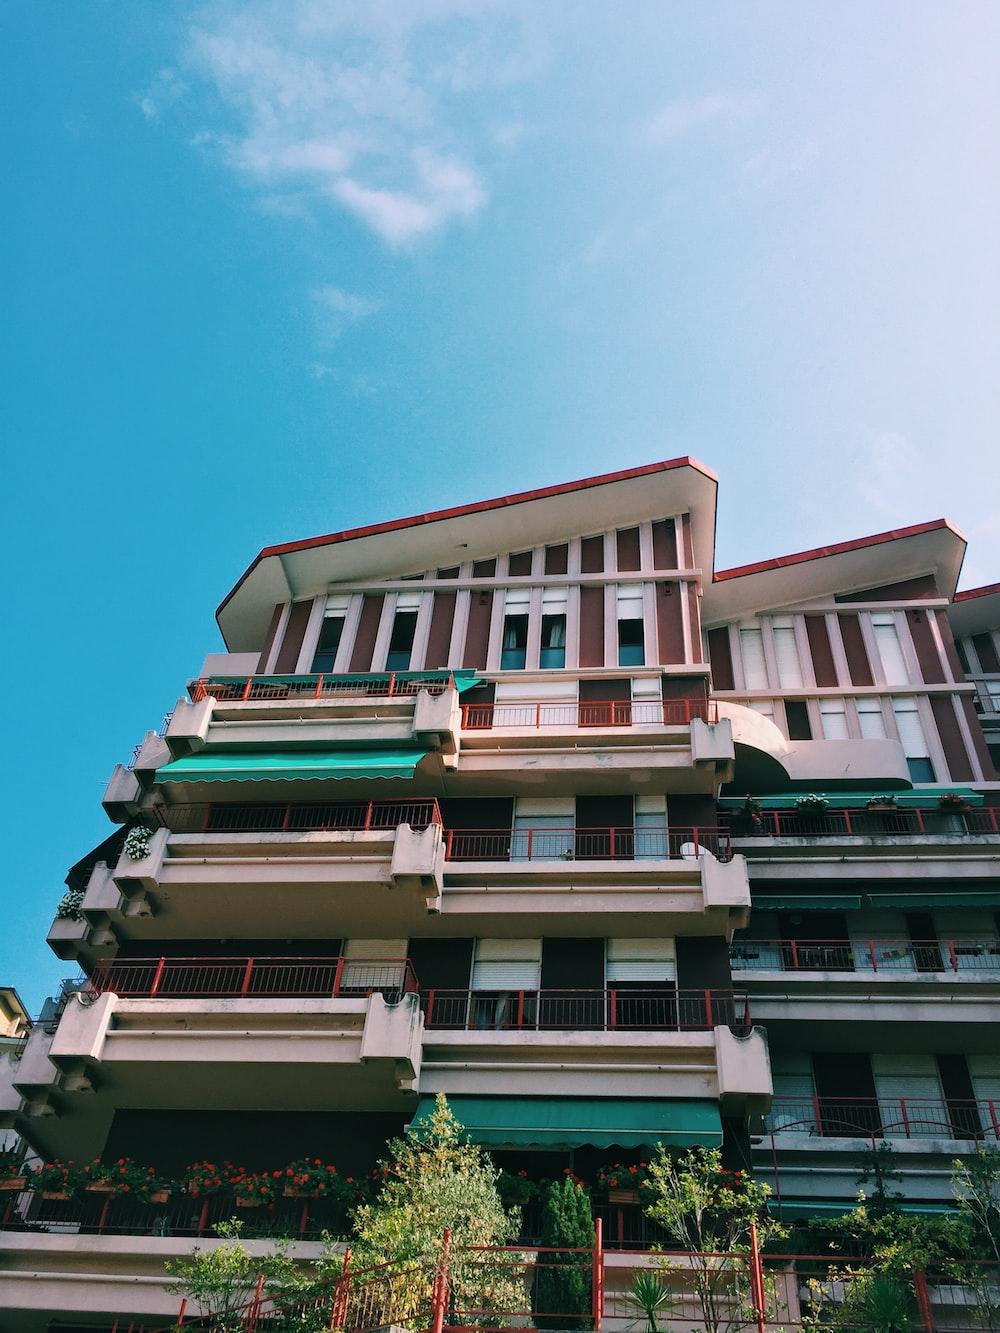 white concrete building underneath clear blue sky